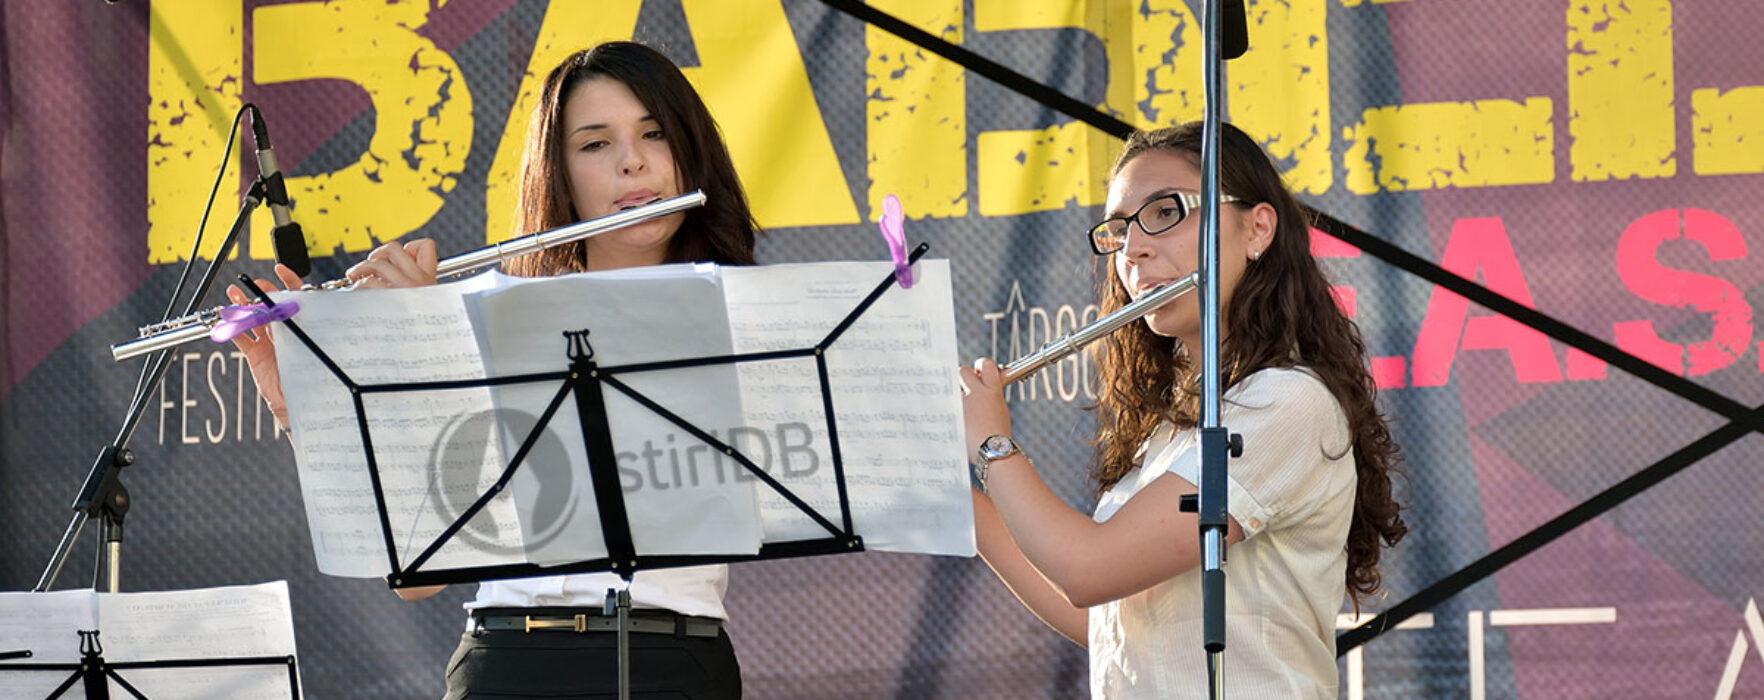 Târgovişte: Festivalul Babel a reunit artişti de pe întreg mapamondul